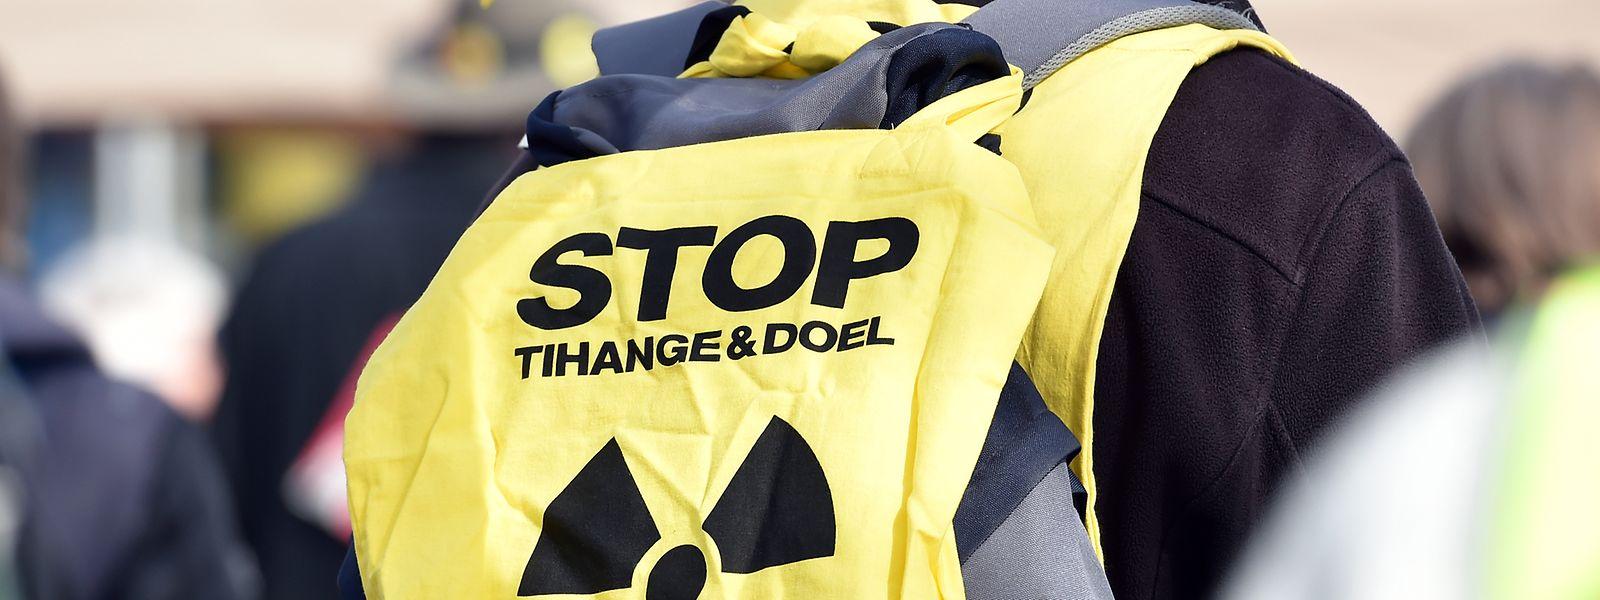 """Nordrhein-Westfalen, Gronau: Ein Teilnehmer des Ostermarsches 2018 demonstriert mit dem Slogan """"Stop Tihange und Doel"""" vor der Uran-Anreicherungsanlage Urenco gegen Atomkraft und Atomwaffen."""